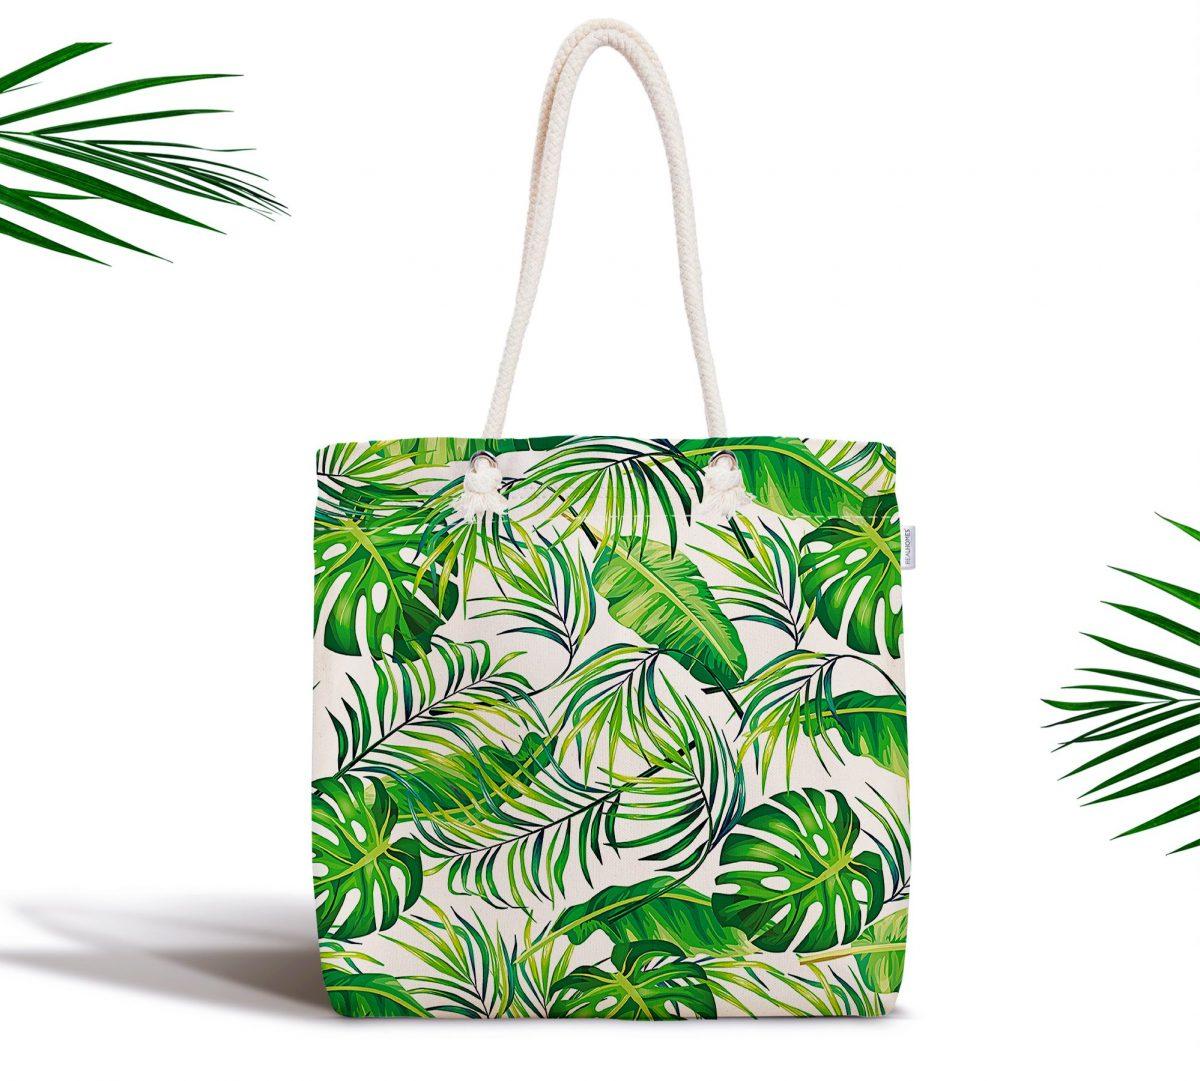 Yeşil Yapraklar Özel Tasarım Dijital Baskılı Fermuarlı Kumaş Çanta Realhomes